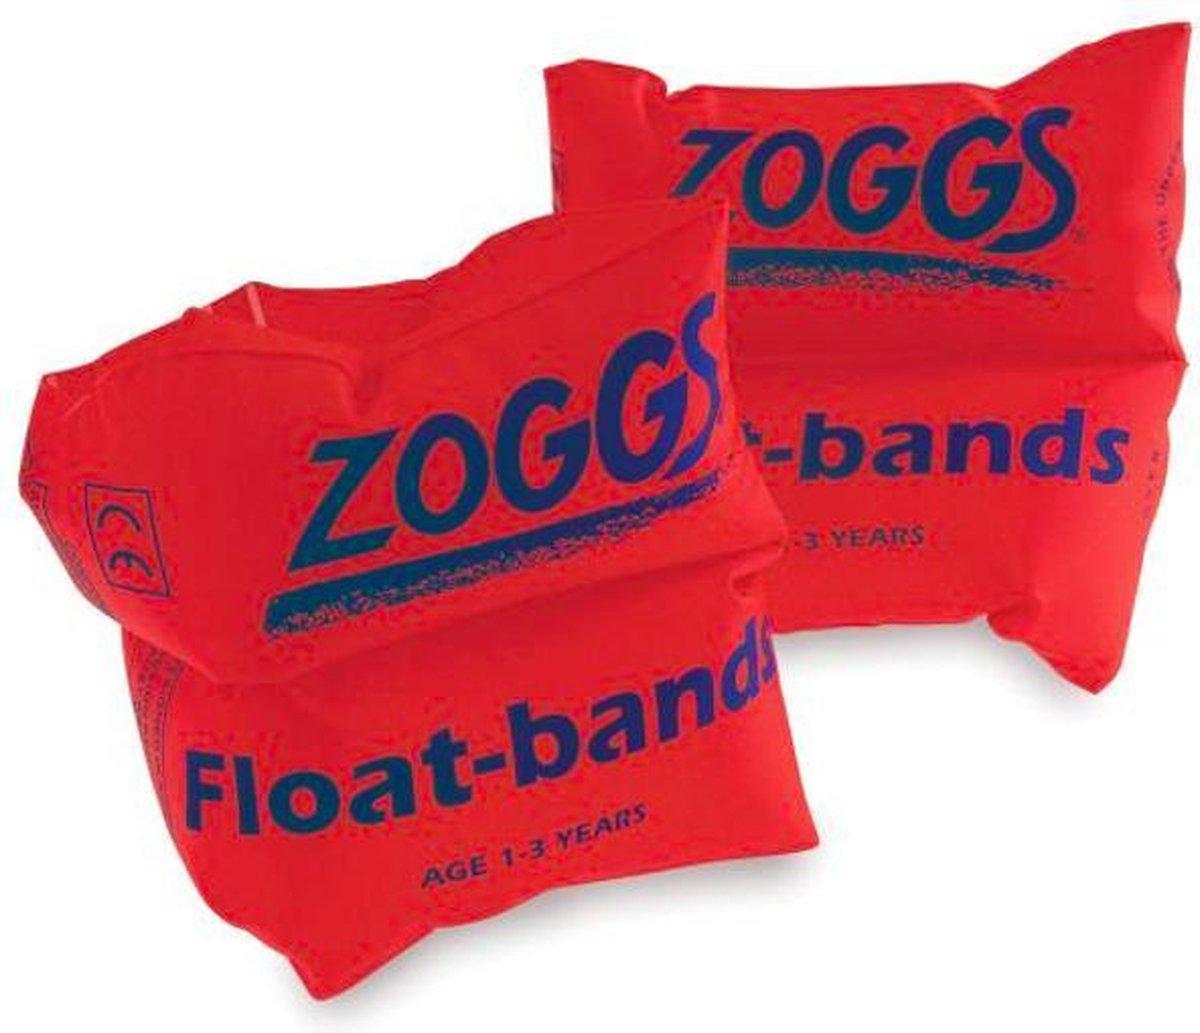 Zoggs - Zwembandjes Float-bands - Oranje - Maximum 15 kg - Maat 1/3 jaar